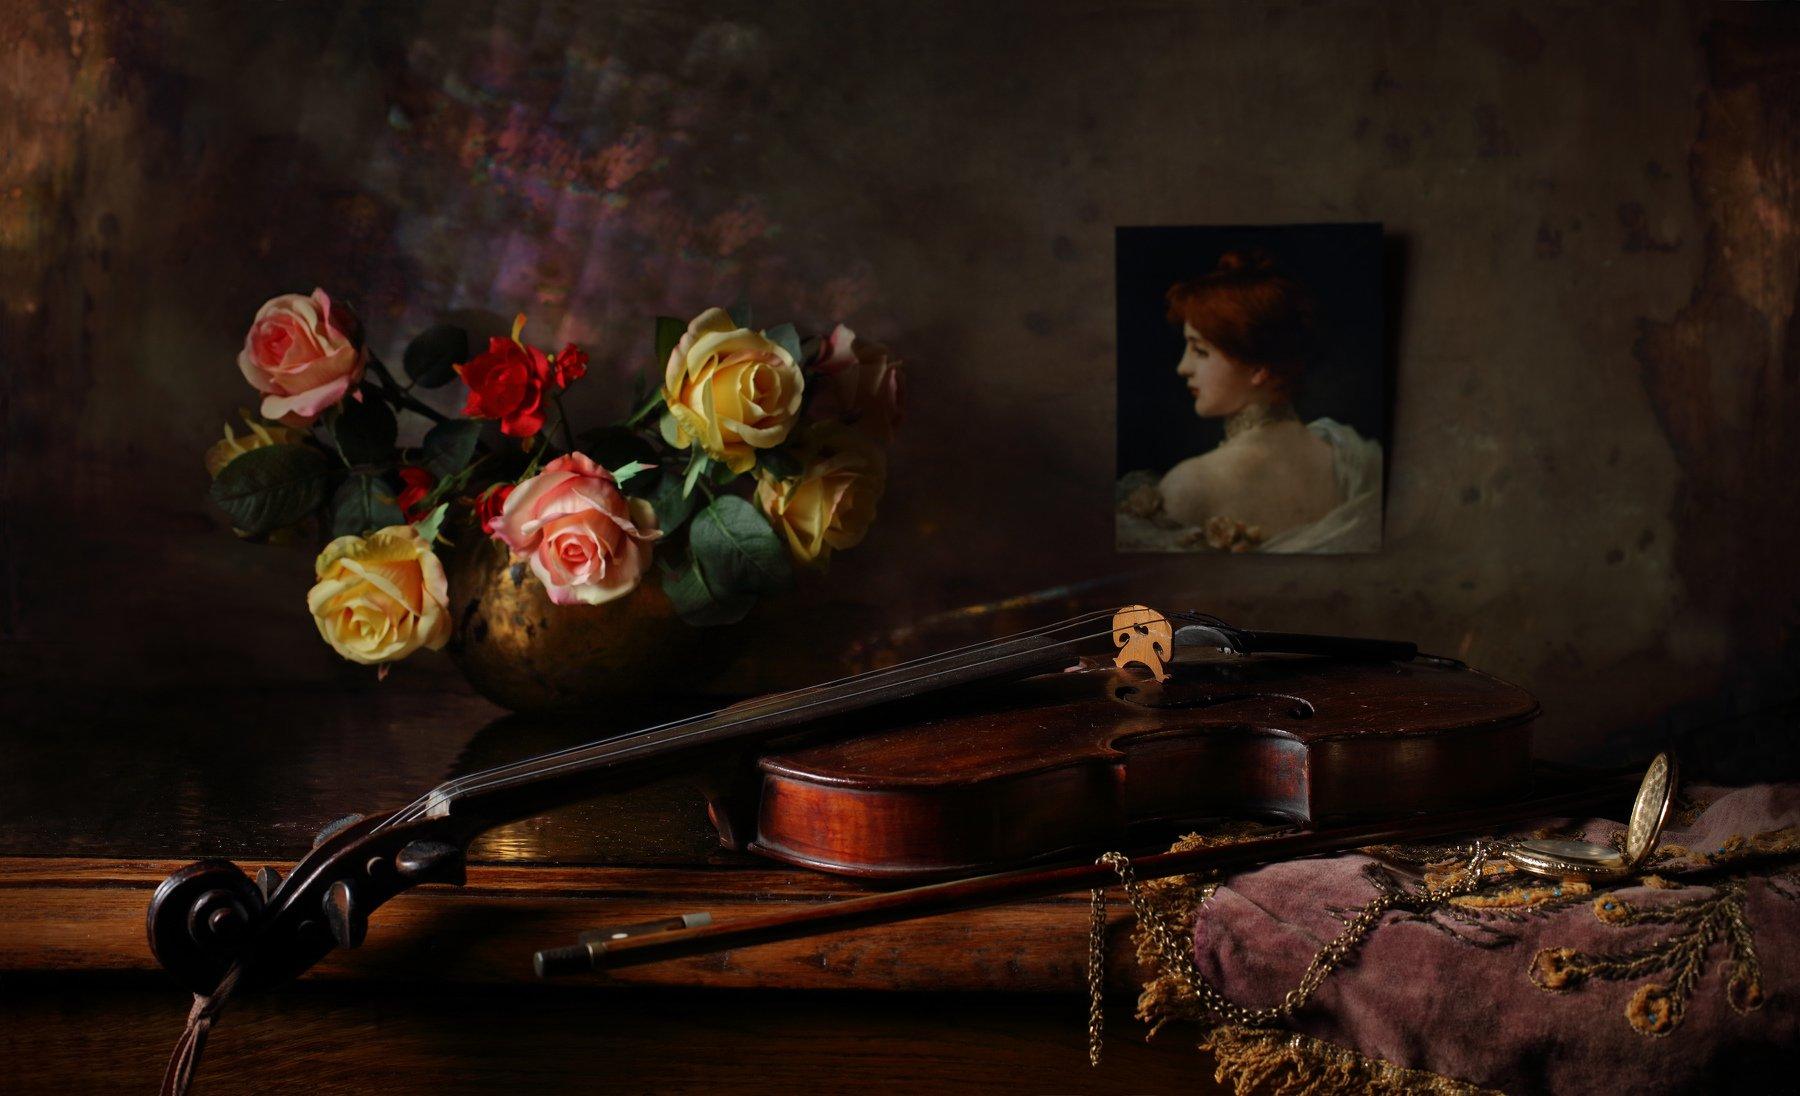 розы, цветы, скрипка, музыка, девушка, портрет, фото, Андрей Морозов